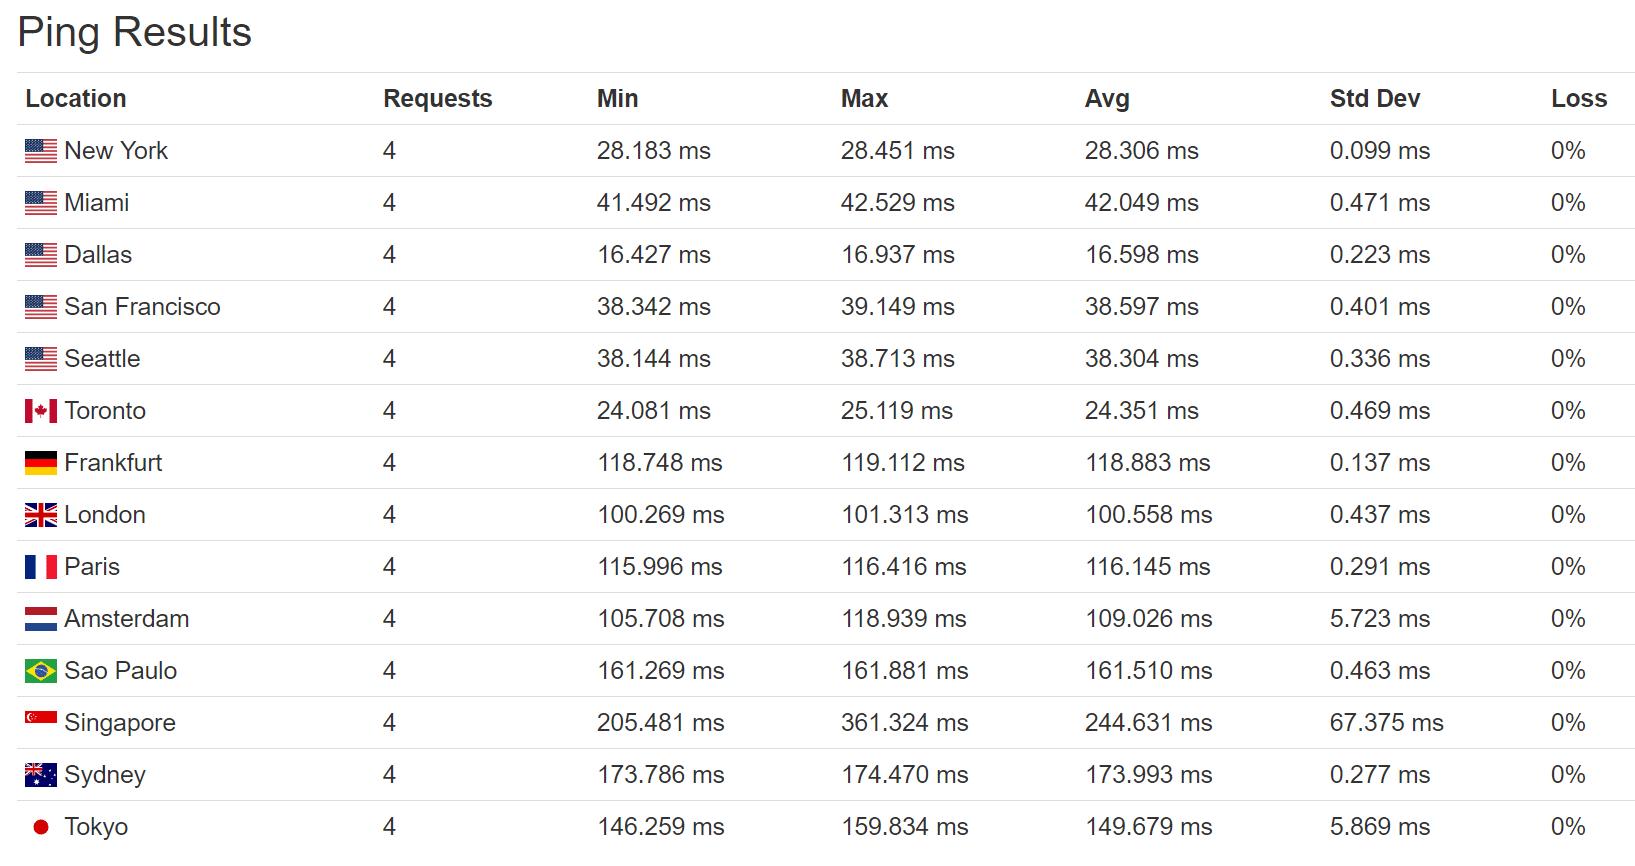 Pingtijden perf1 (VS)